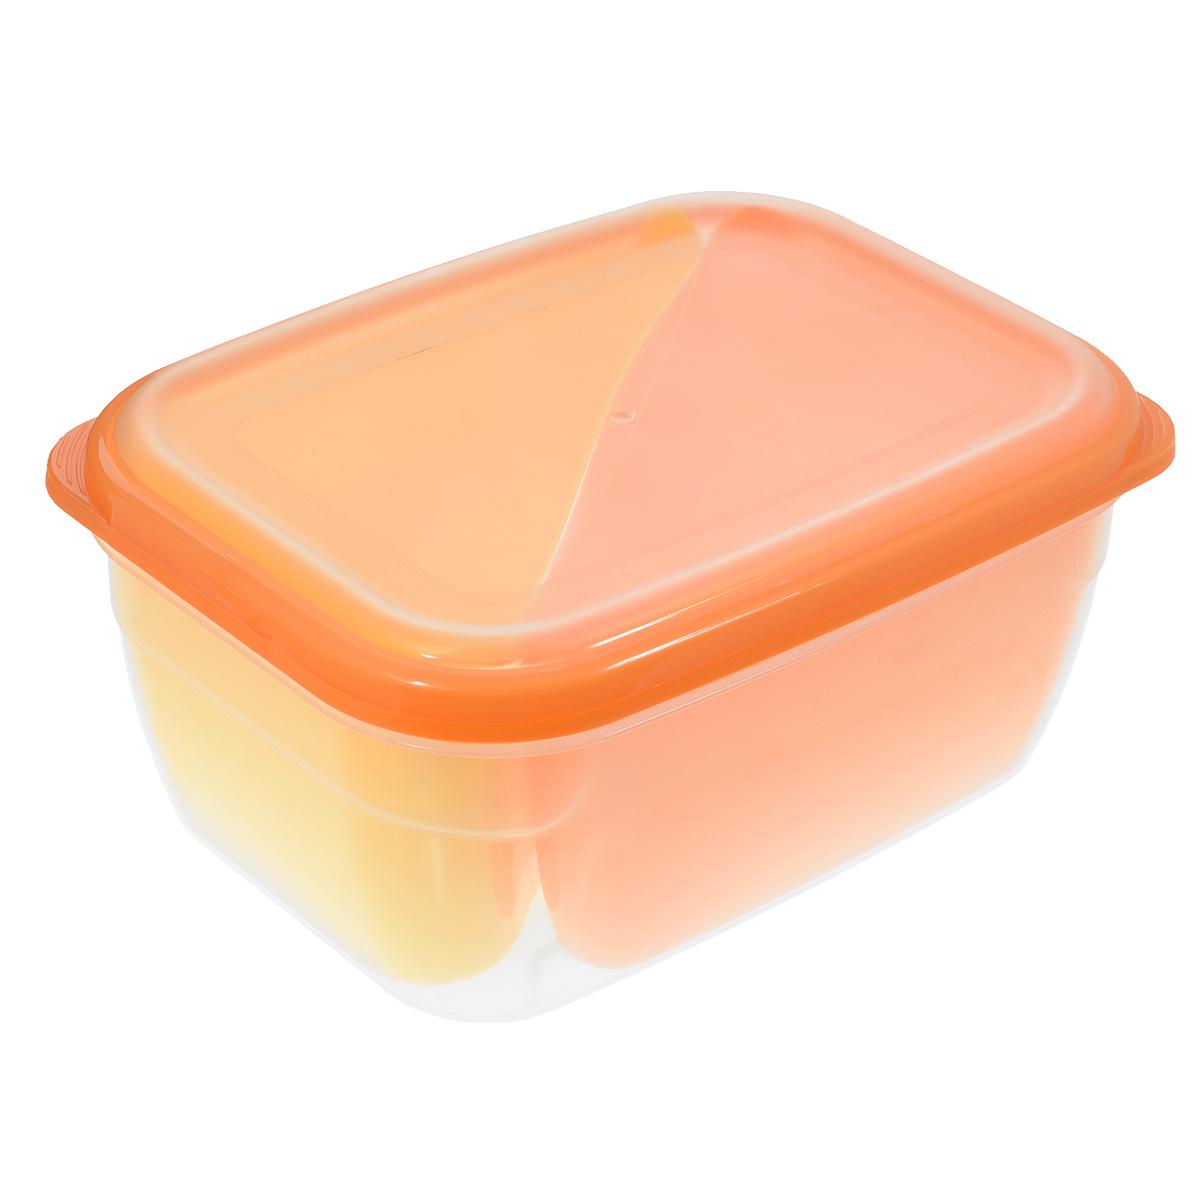 Контейнер-менажница для СВЧ Полимербыт, цвет: оранжевый, желтый, 1,8 лС56401Контейнер-менажница для СВЧ Полимербыт изготовлен из высококачественного прочного пластика, устойчивого к высоким температурам (до +120°С). Крышка плотно закрывается, дольше сохраняя продукты свежими и вкусными. Контейнер снабжен 2 цветными съемными секциями, которые позволяют хранить сразу несколько продуктов или блюд. Он идеально подходит для хранения пищи, его удобно брать с собой на работу, учебу, пикник или просто использовать для хранения пищи в холодильнике. Можно использовать в микроволновой печи и для заморозки в морозильной камере. Можно мыть в посудомоечной машине. Объем секции: 0,75 л. Размер секции: 15 см х 11 см х 8 см. Объем контейнера: 1,8 л. Размер контейнера: 20 см х 14,5 см х 8,5 см.